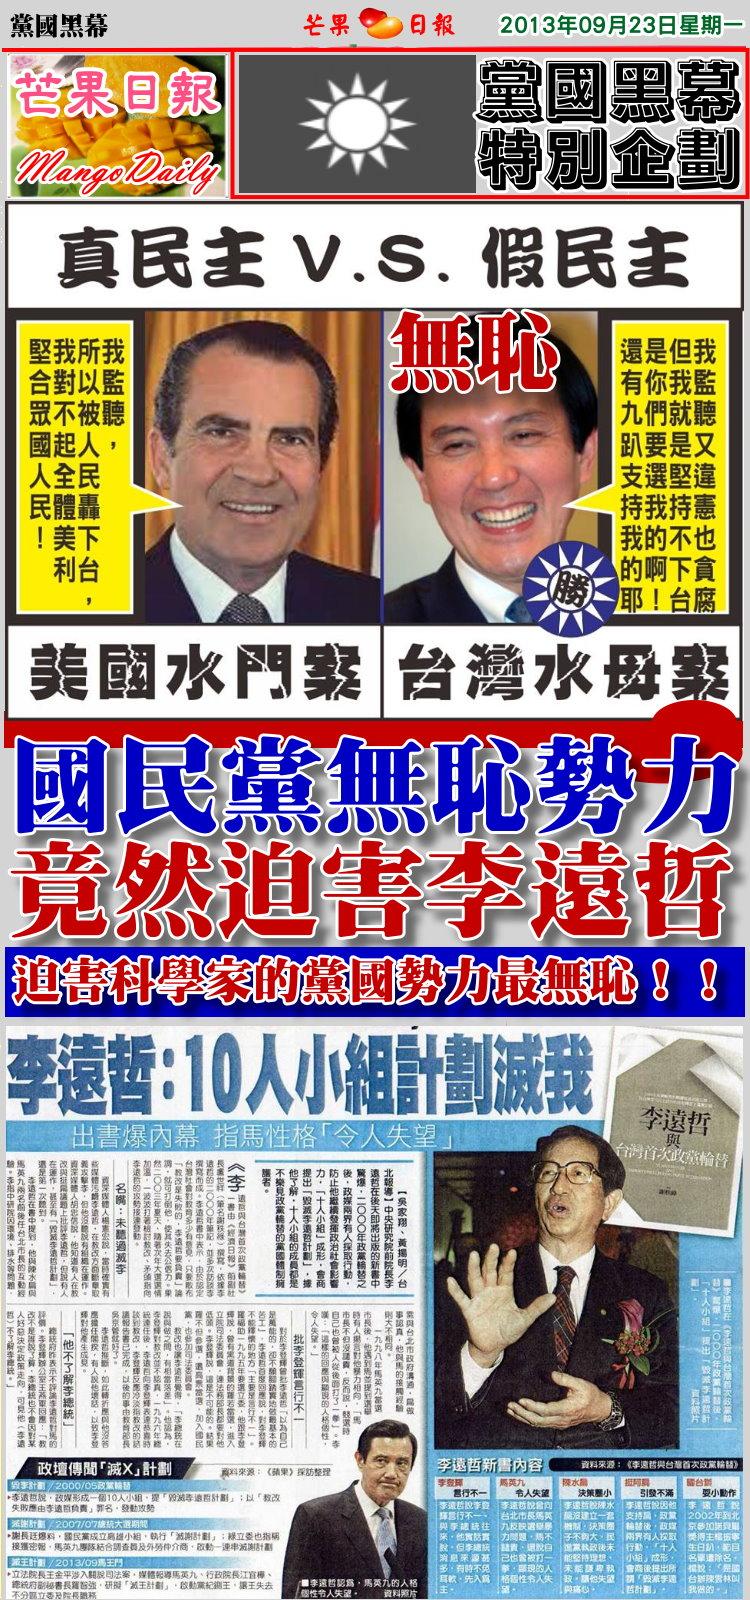 130923芒果日報--黨國黑幕--國民黨無恥勢力,竟然迫害李遠哲